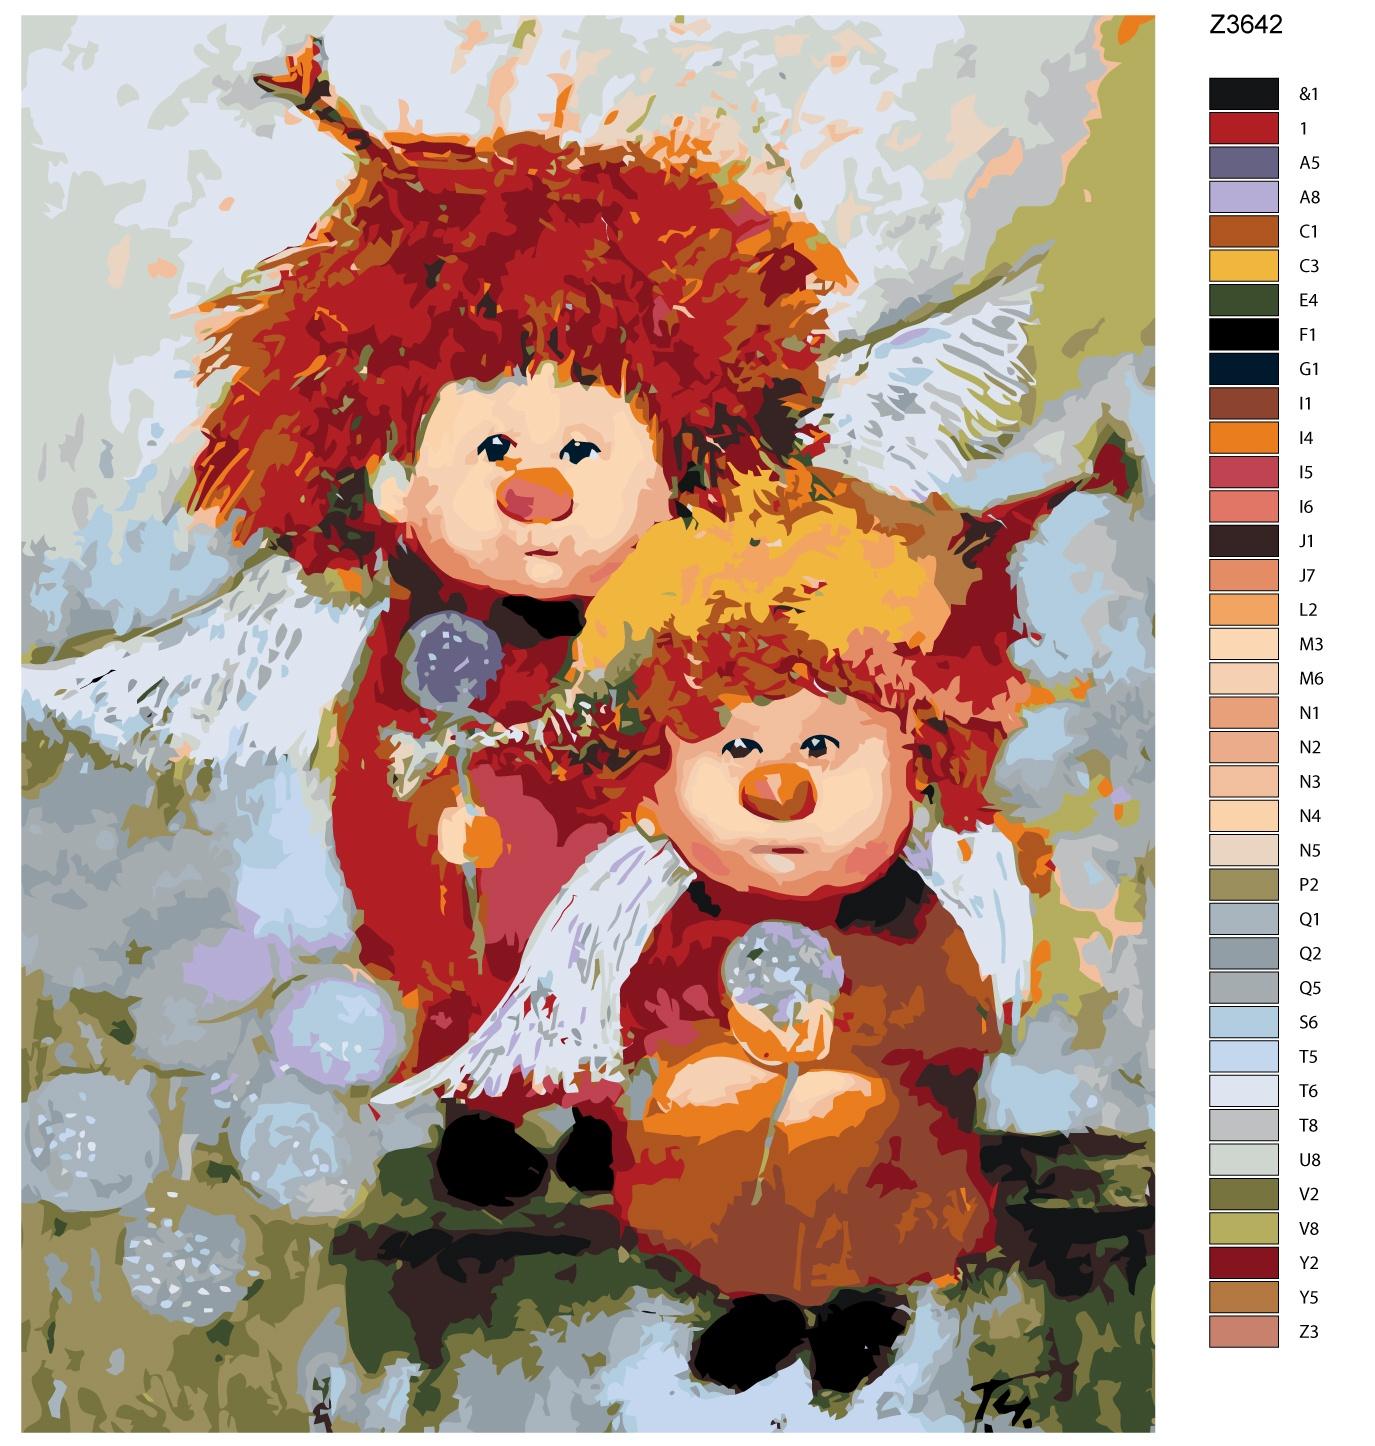 Картина по номерам Живопись по номерам Z-Z3642Z-Z3642Количество красок от 18 до 24. Картина раскрашивается без смешивания красок. Высококачественные акриловые краски собственного производства сделают вашу картину яркой и уникальной. Все необходимые материалы есть в комплекте: натуральный хлопковый холст, натянутый на деревянный подрамник, баночки с акриловыми красками на водной основе, 3 кисти из качественного нейлона, схема раскрашивания, инструкция. Просто закрашивайте участки красками с соответствующим номером.